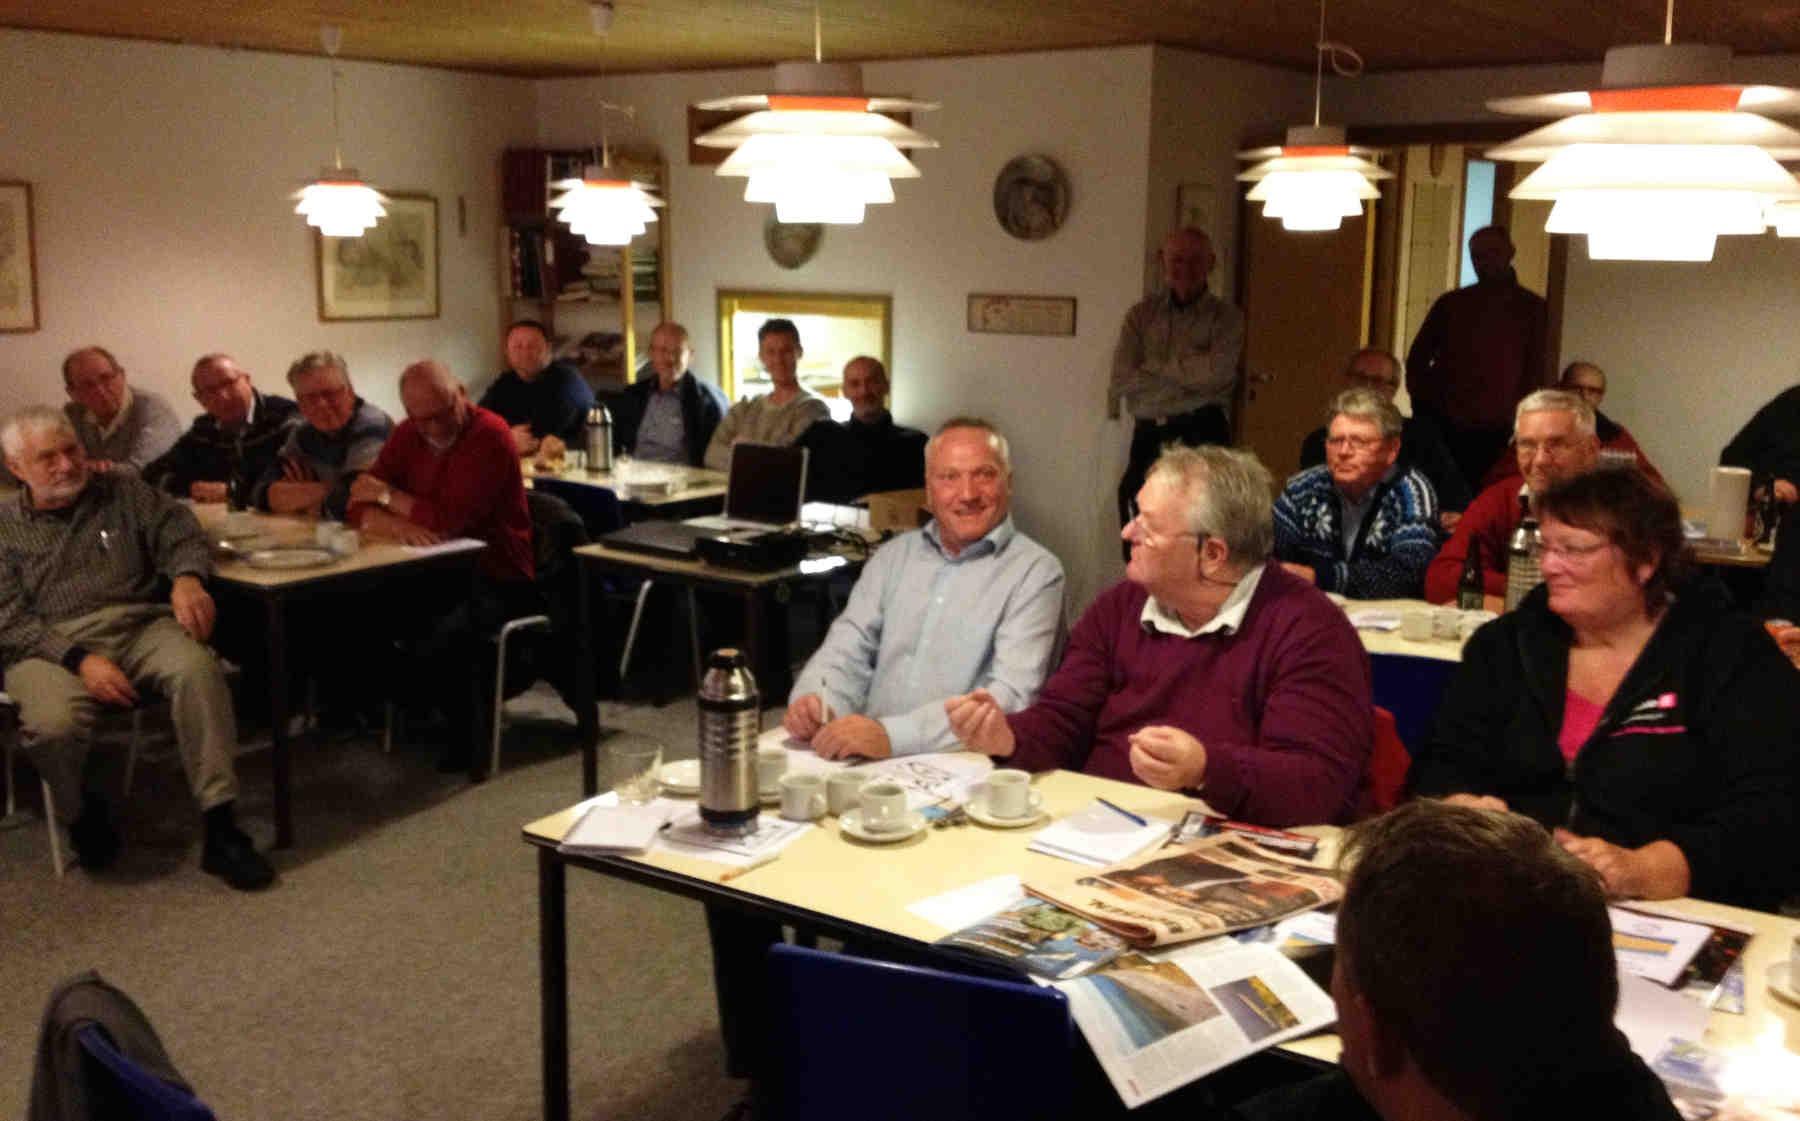 Der var fyldt godt op med mennesker og godt humør i Kalundborg Sportsfiskerforenings fine klublokaler, da medlemskab i Fishing Zealand skulle diskuteres.